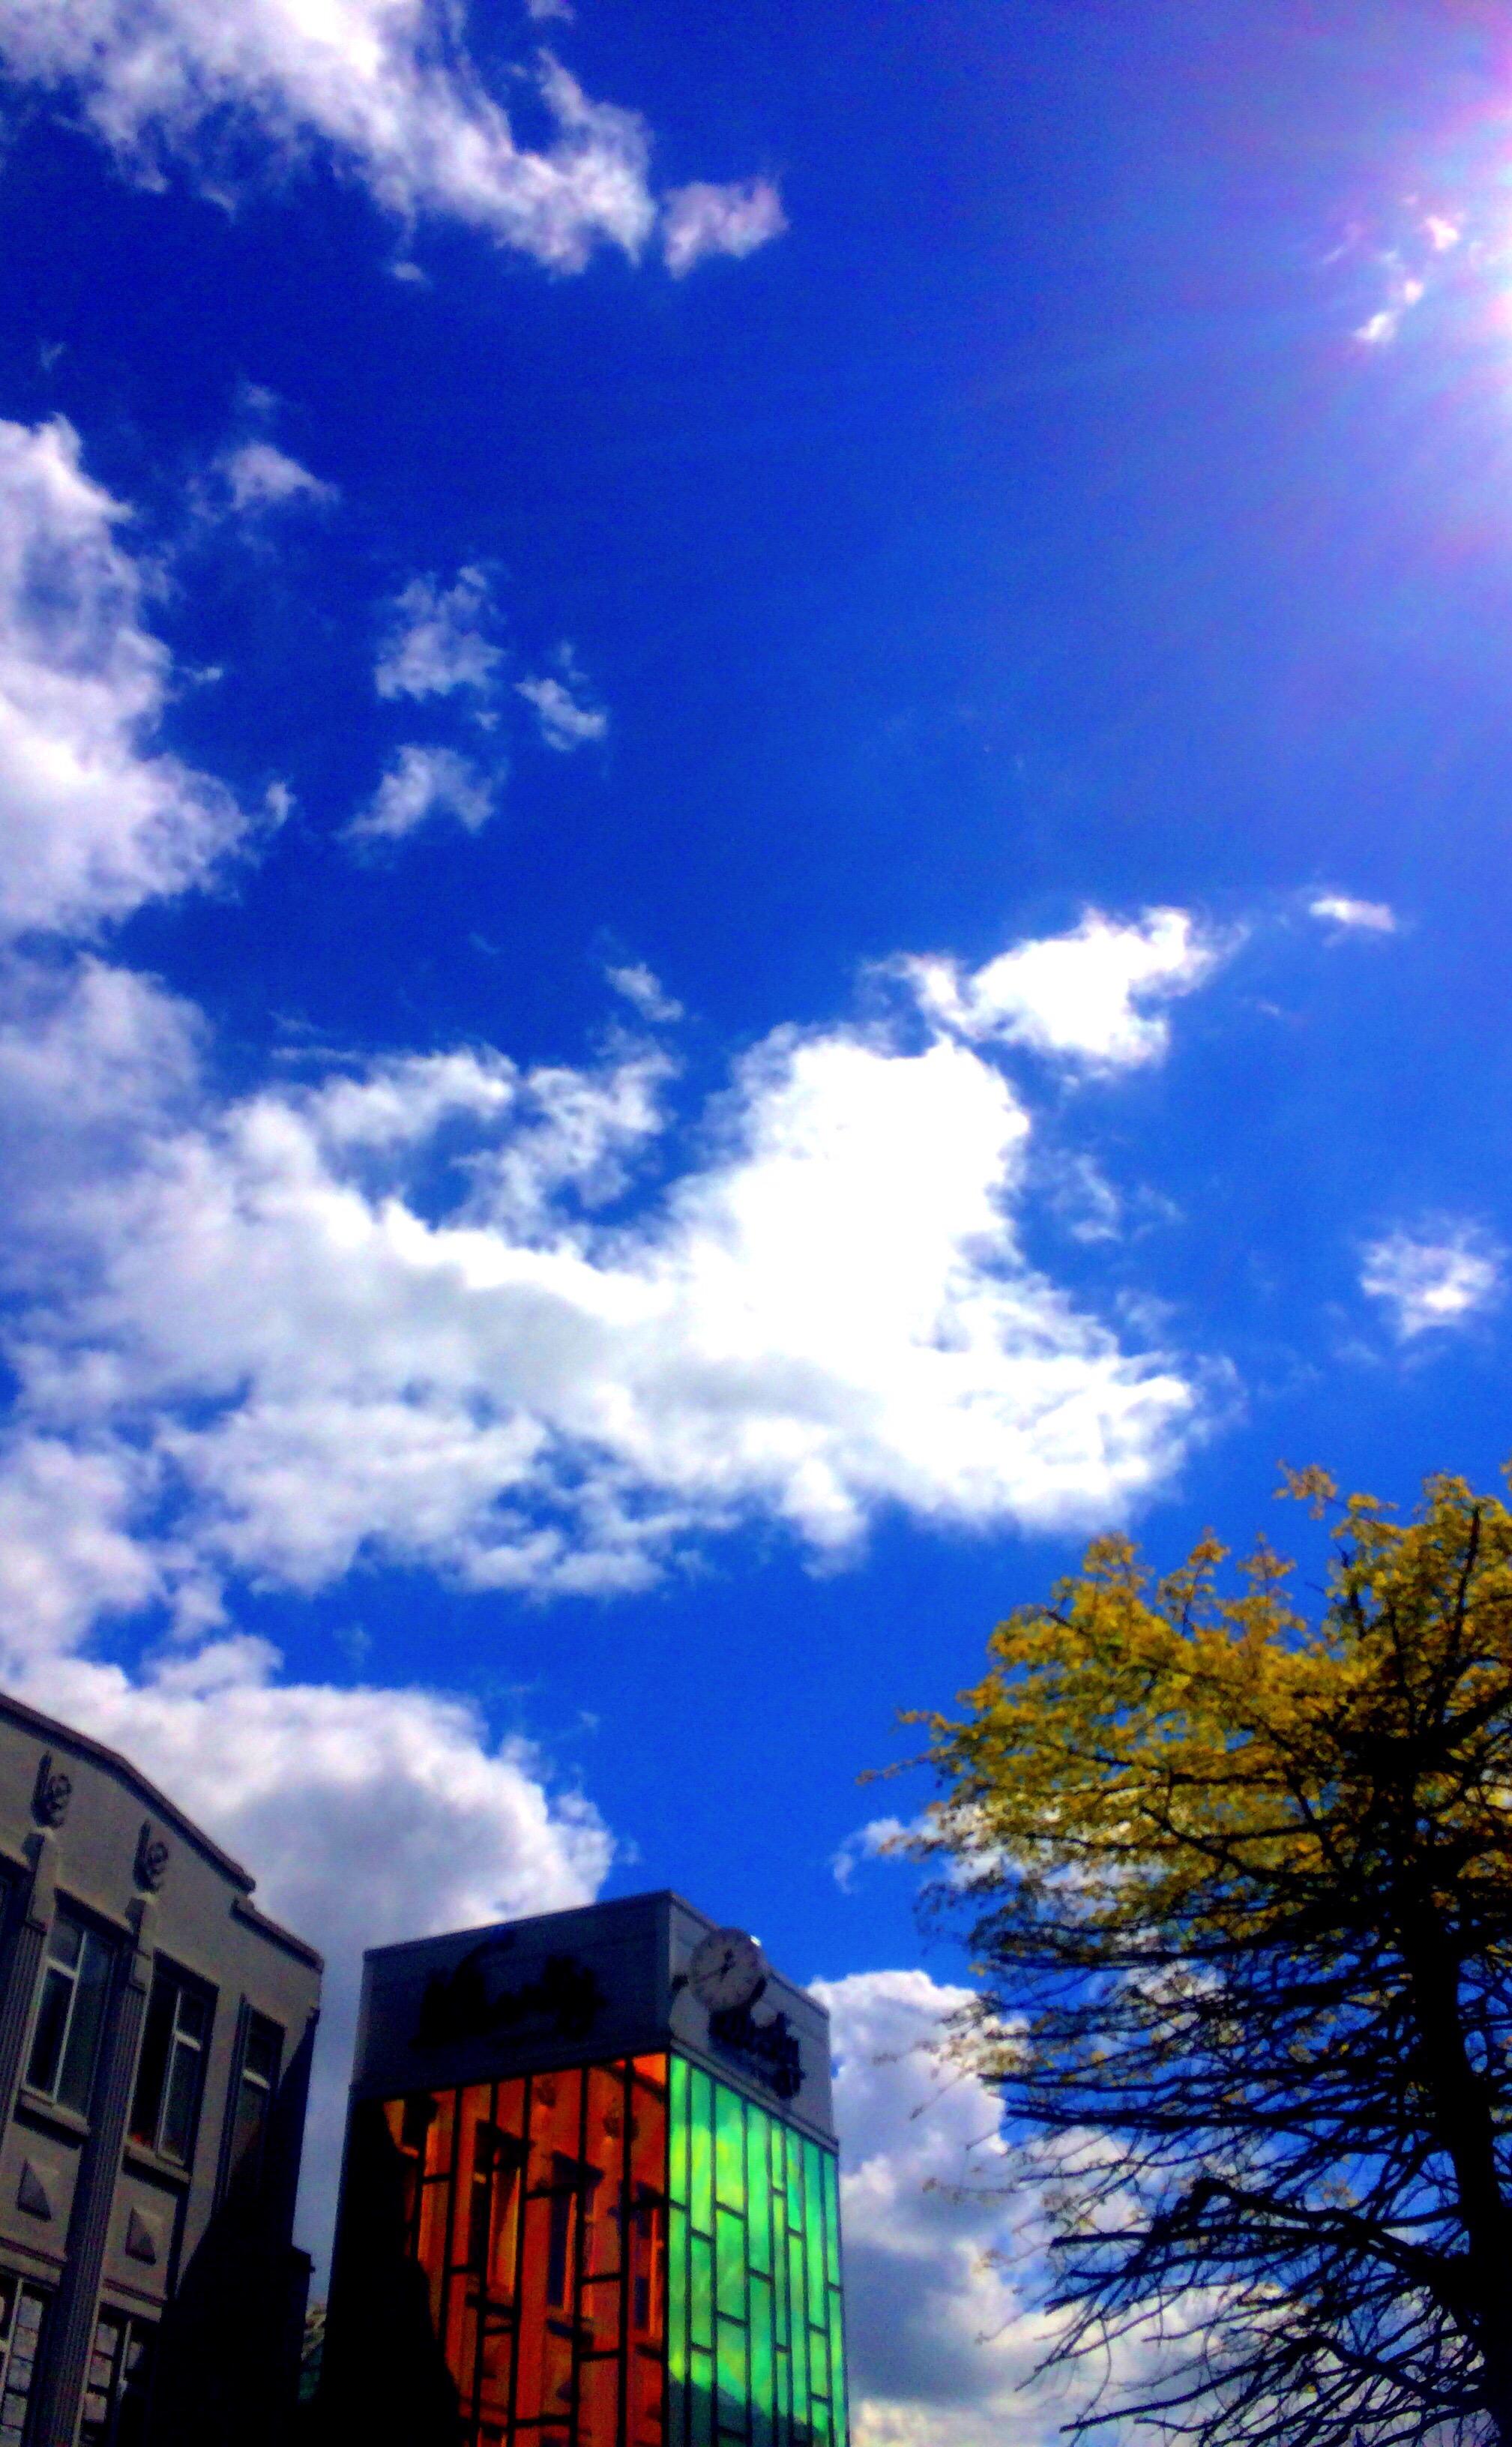 2015-05-07 14.19.39-3.jpg